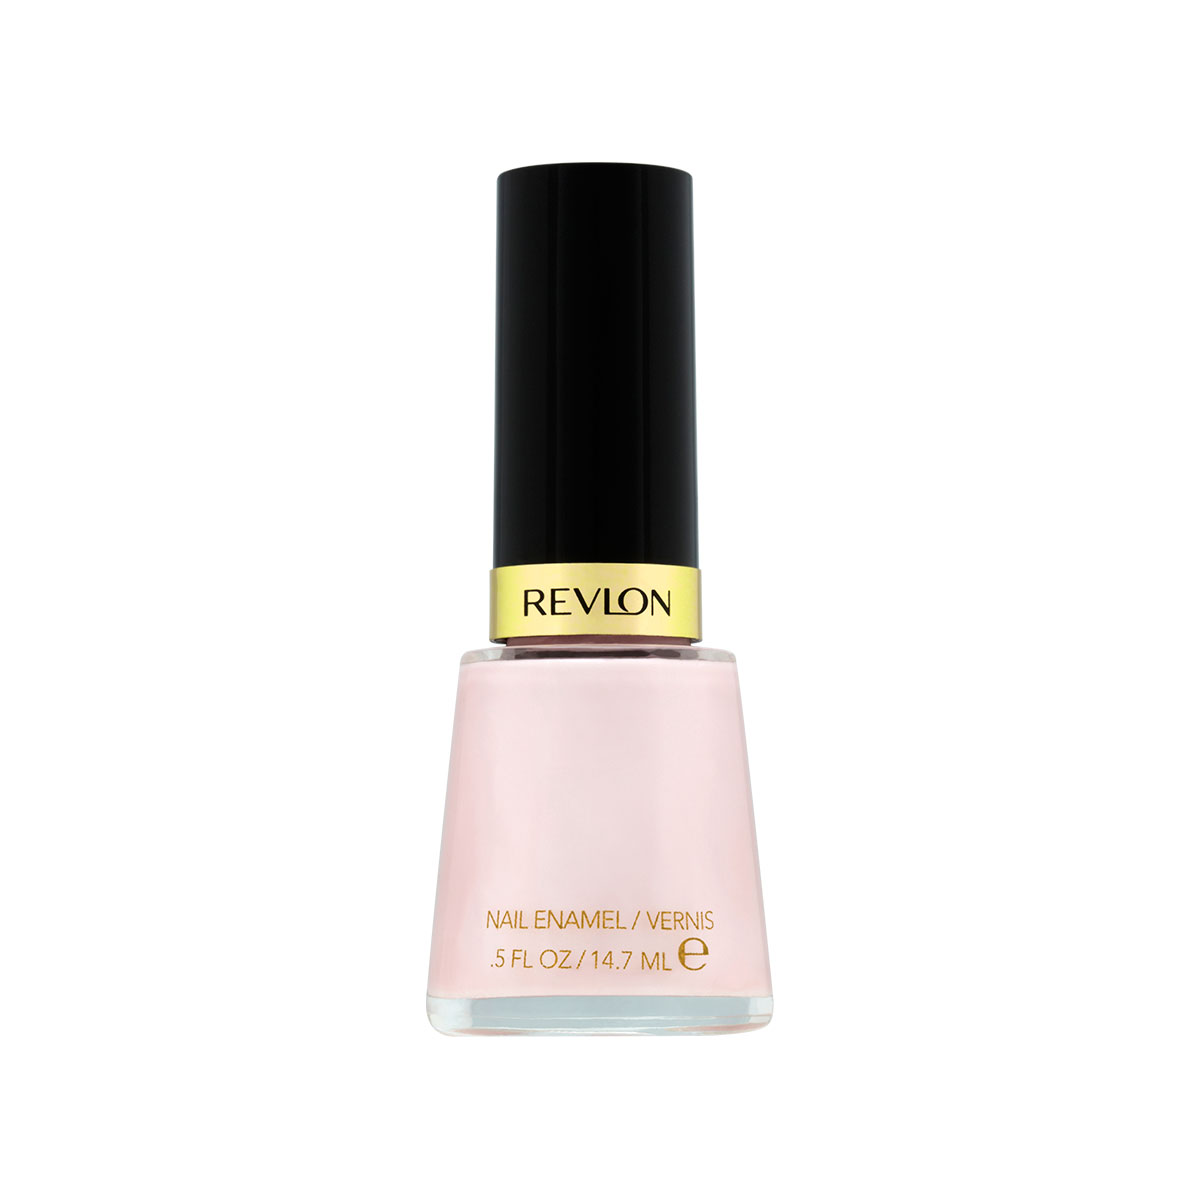 Revlon Лак для Ногтей Core Nail Enamel Frostiest pink 970, 14,7 мл7213167059Лак для ногтей Revlon предлагается в широком выборе модных, стойких цветов. Лак обеспечивает гладкое и блестящее покрытие. Без дибутилфталата, толуола и формальдегида. Запатентованная формула с содержанием шелка и силикона обеспечивает слой шелковых протеинов и защитный силиконовый слой, что моментально выравнивает поверхность ногтя. Не оставляет пузырьков, бороздок или следов от кисточки.Аккуратно нанести аппликатором на ногти.Как ухаживать за ногтями: советы эксперта. Статья OZON Гид